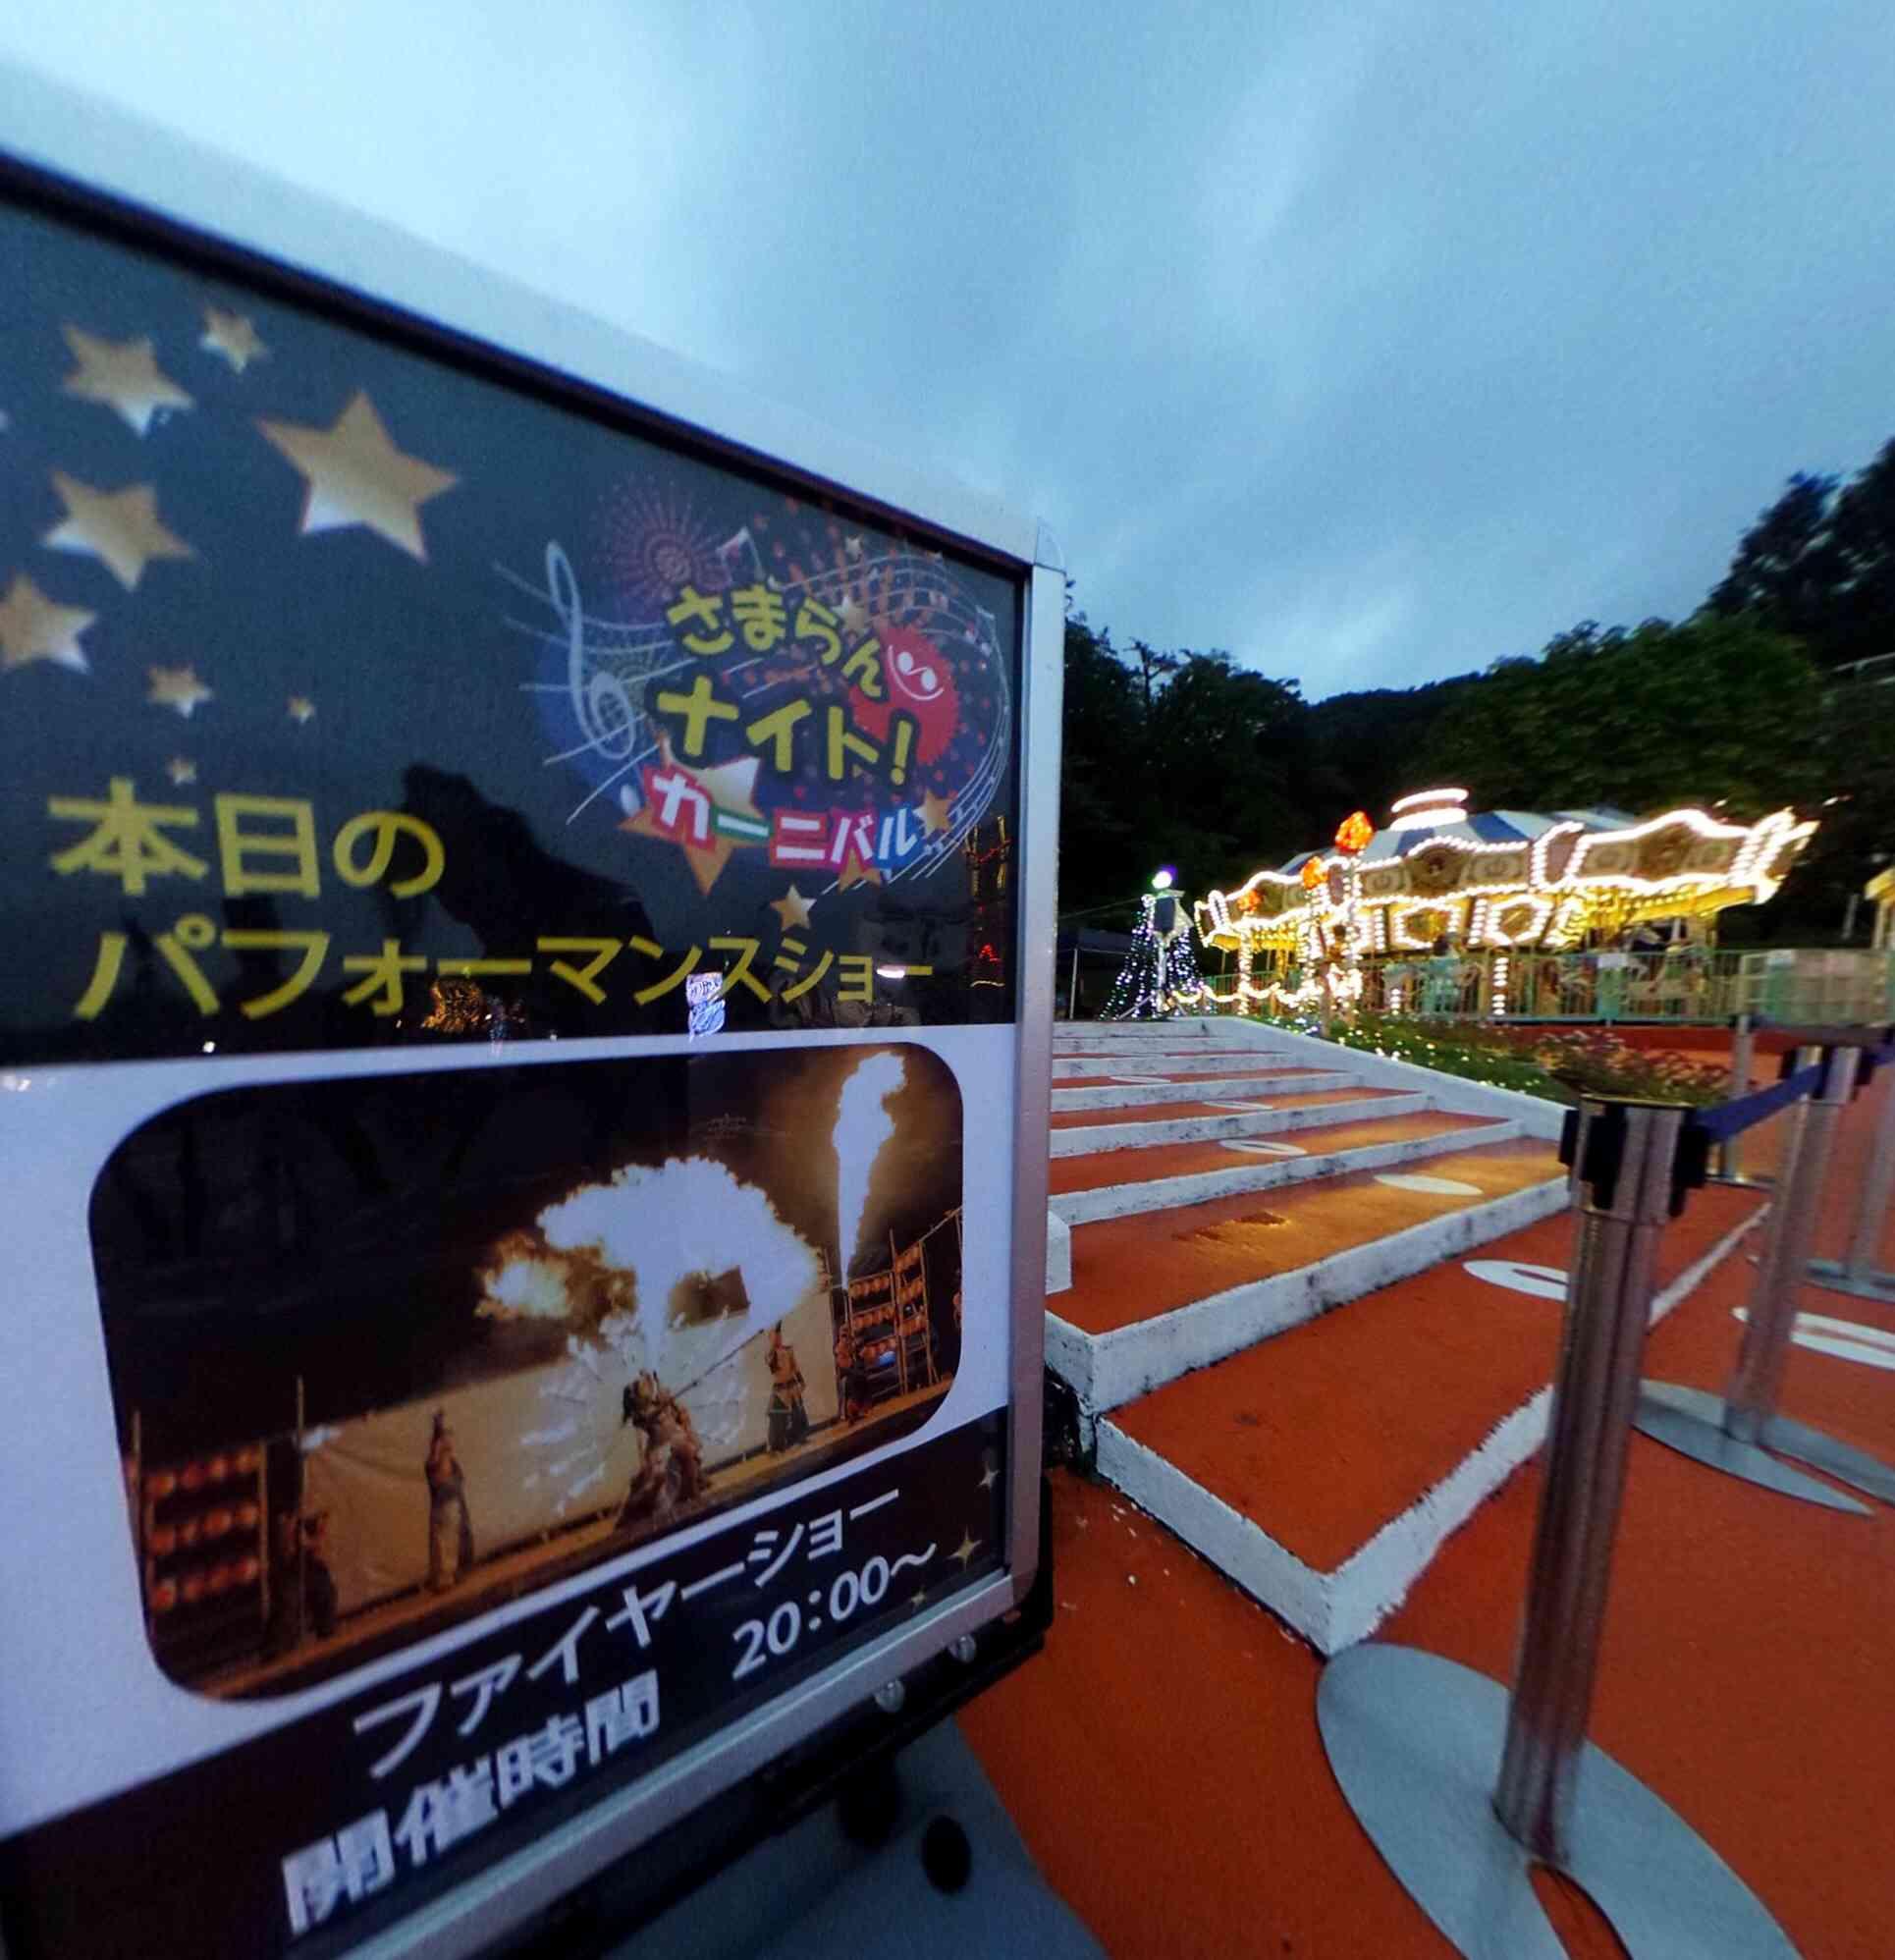 東京サマーランドさまらんナイトカーニバル